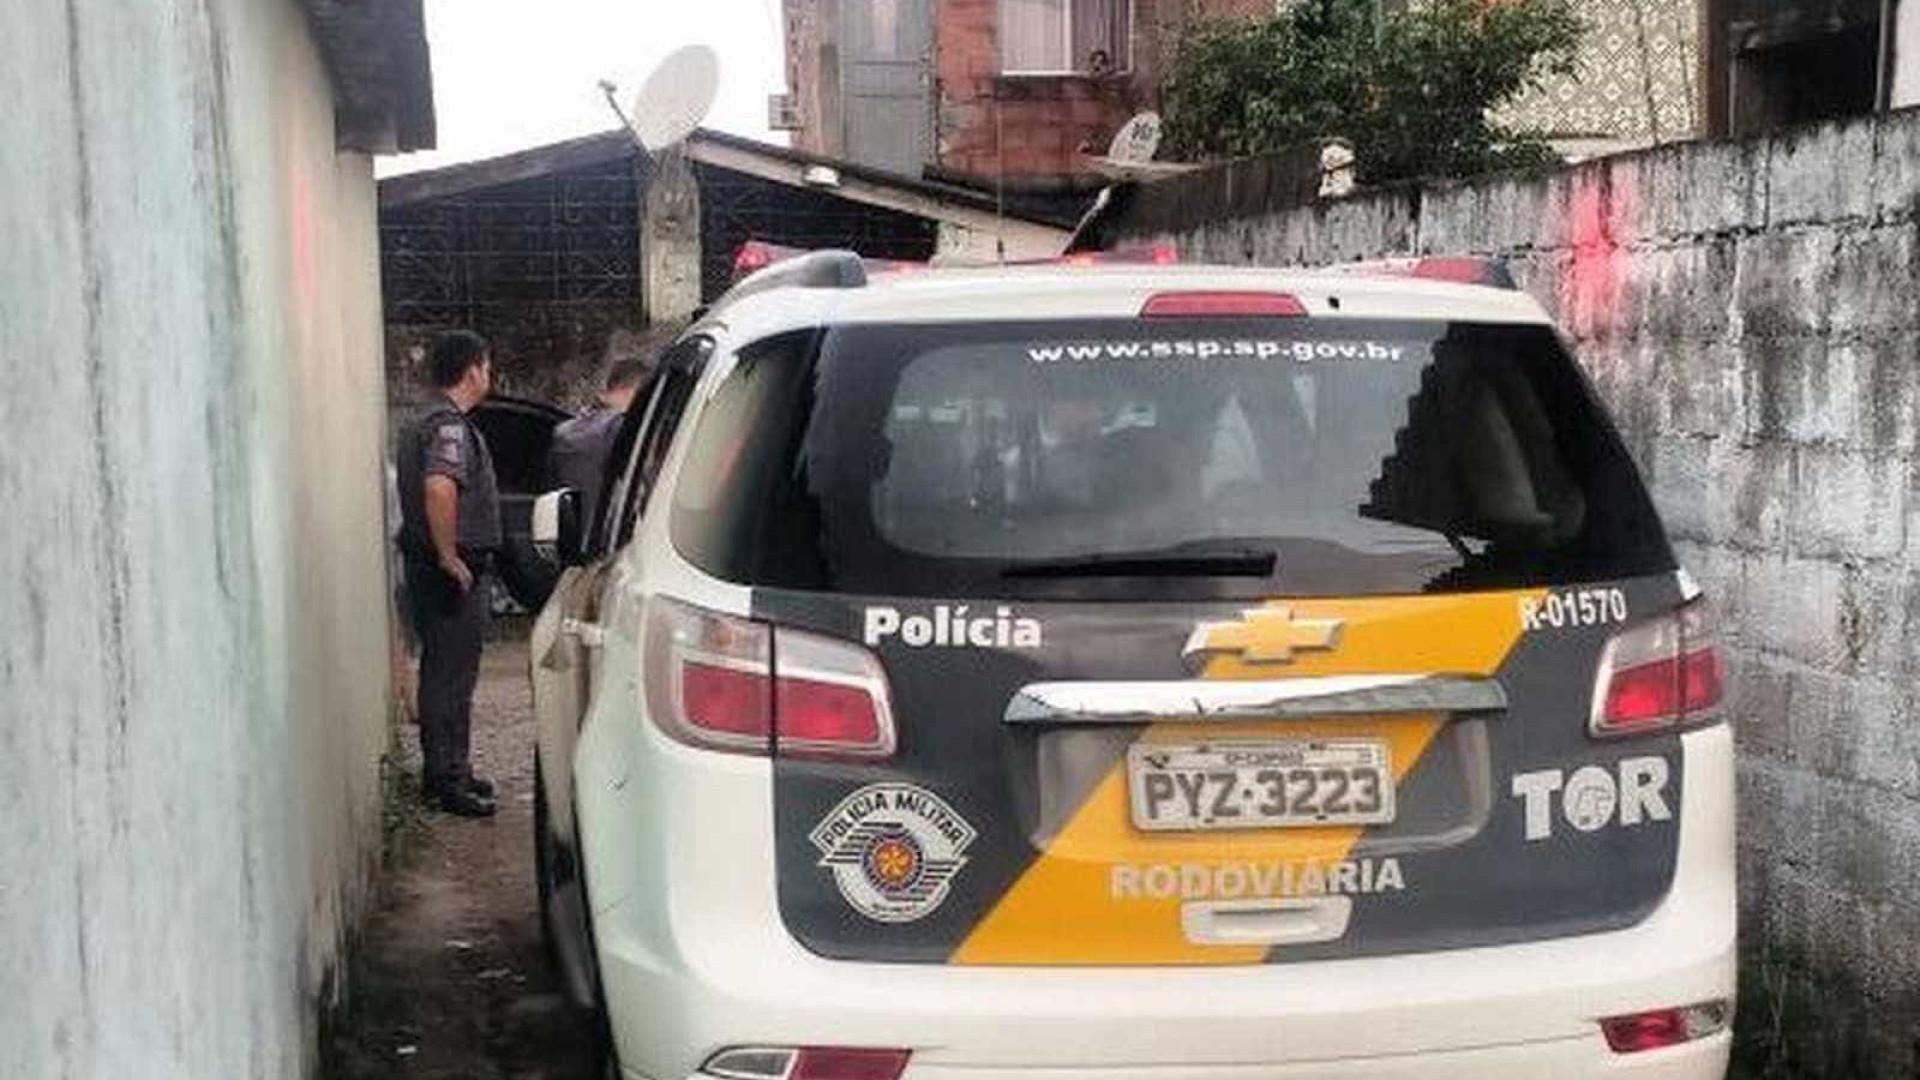 Dupla bate carro após trocar tiros com a polícia na Imigrantes